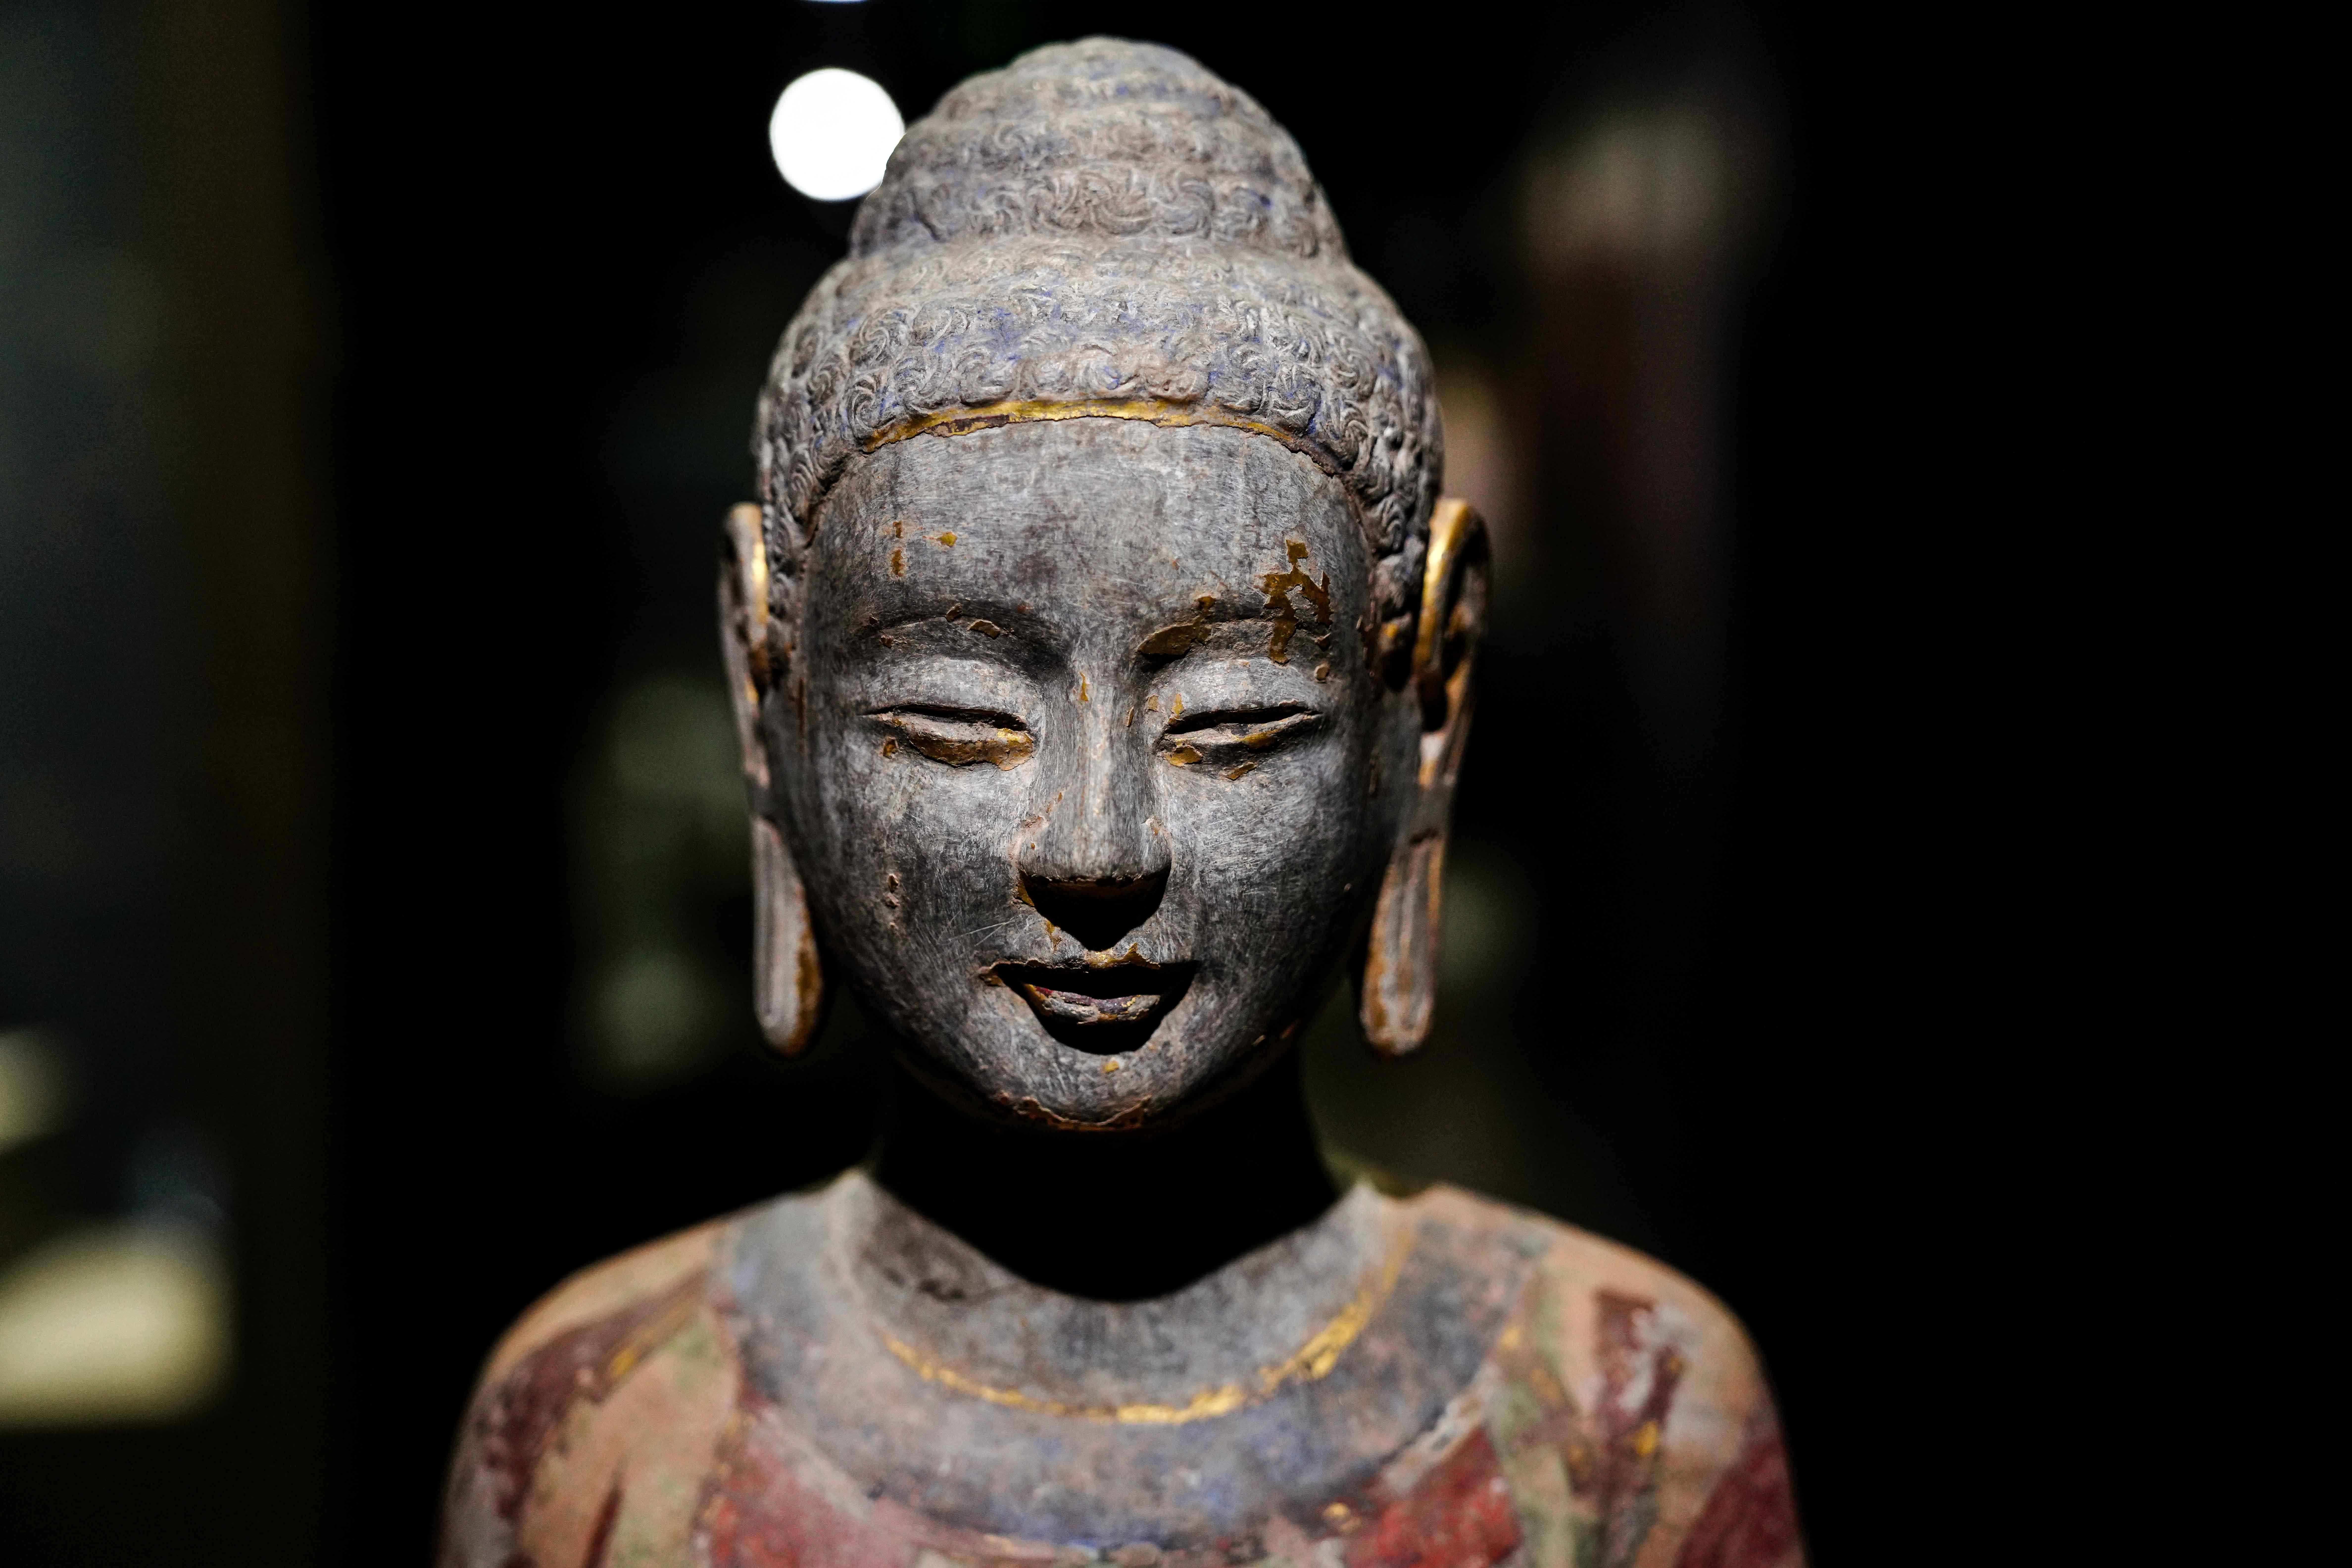 端正な表情が魅力 穴蔵から見つかった精巧な仏像たち 中国・山東省